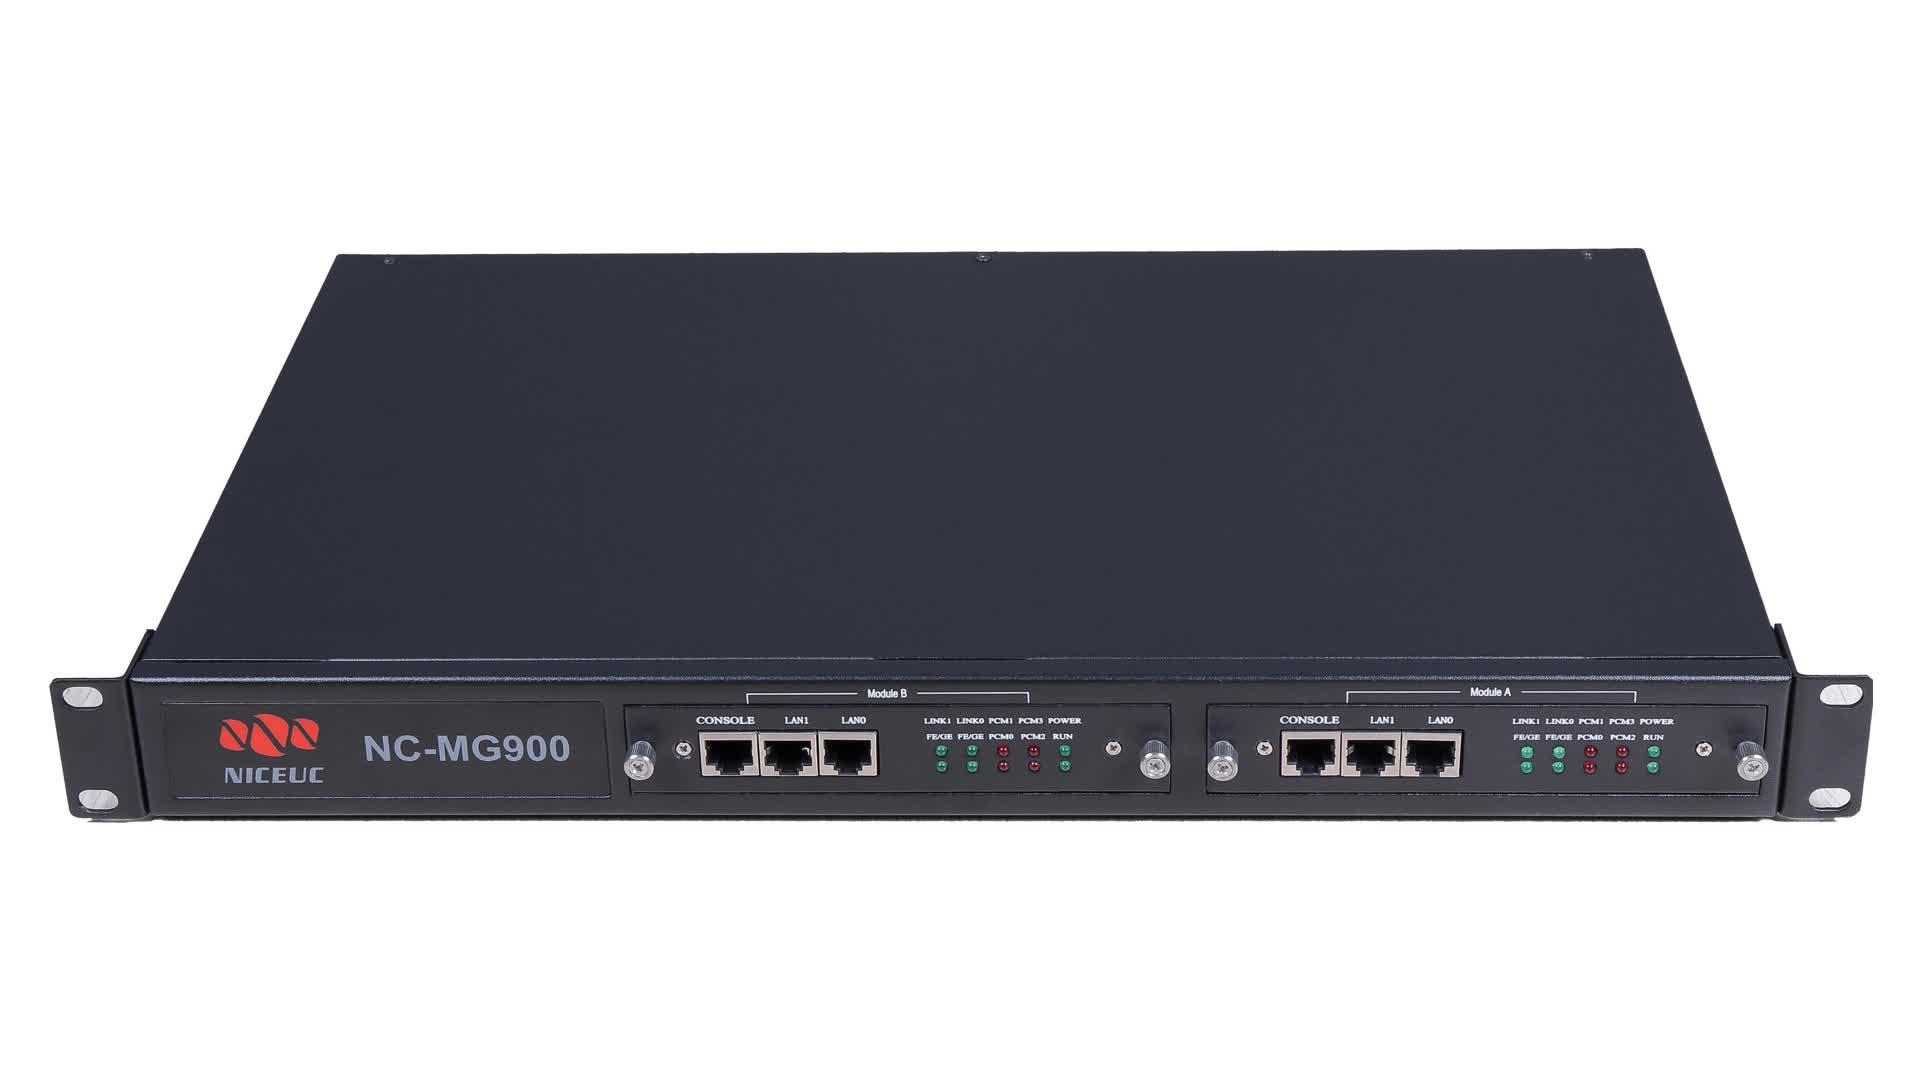 4 ポートデジタル SS7 PRI E1 トランキングゲートウェイ NC-MG900-104 VoIP ゲートウェイ